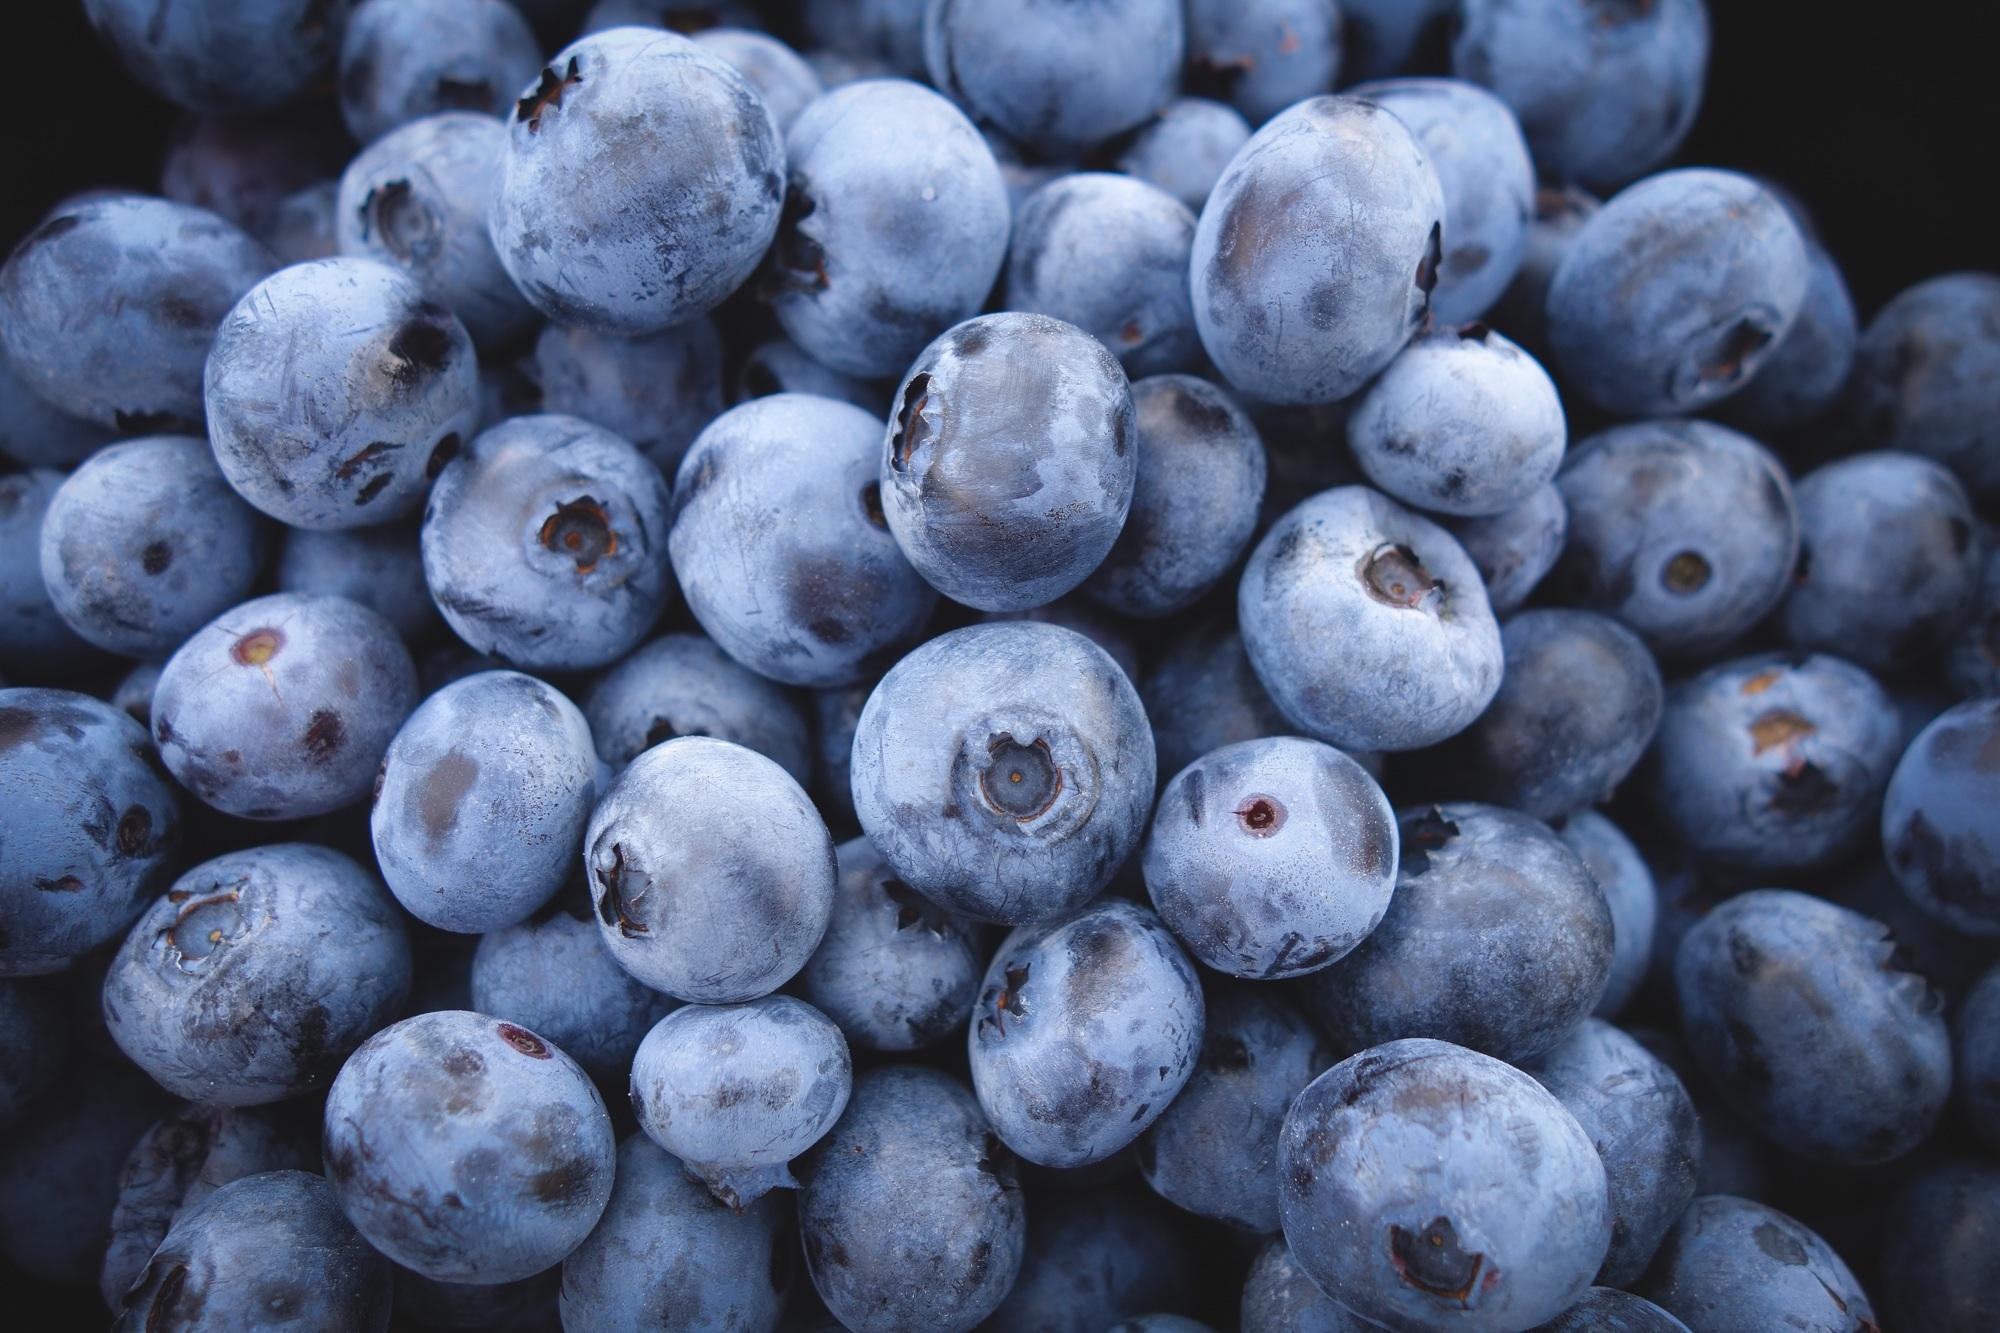 99067 Hintergrundbild herunterladen Lebensmittel, Blaubeeren, Beere, Reif - Bildschirmschoner und Bilder kostenlos